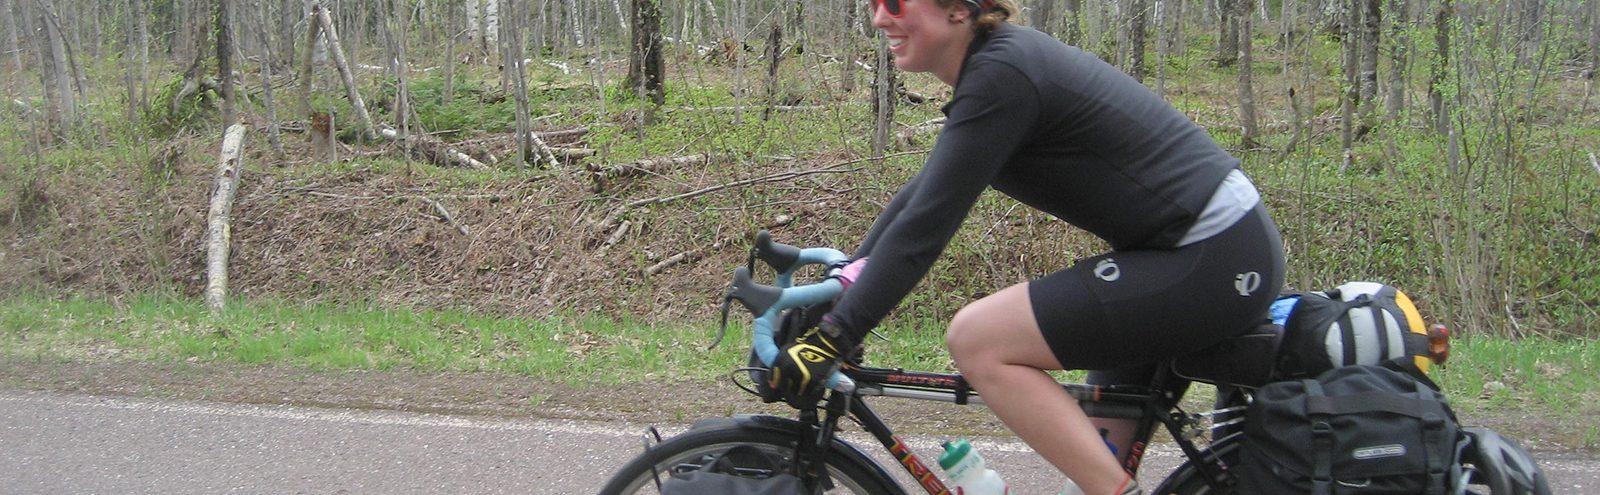 Liz Downey on bike May Term